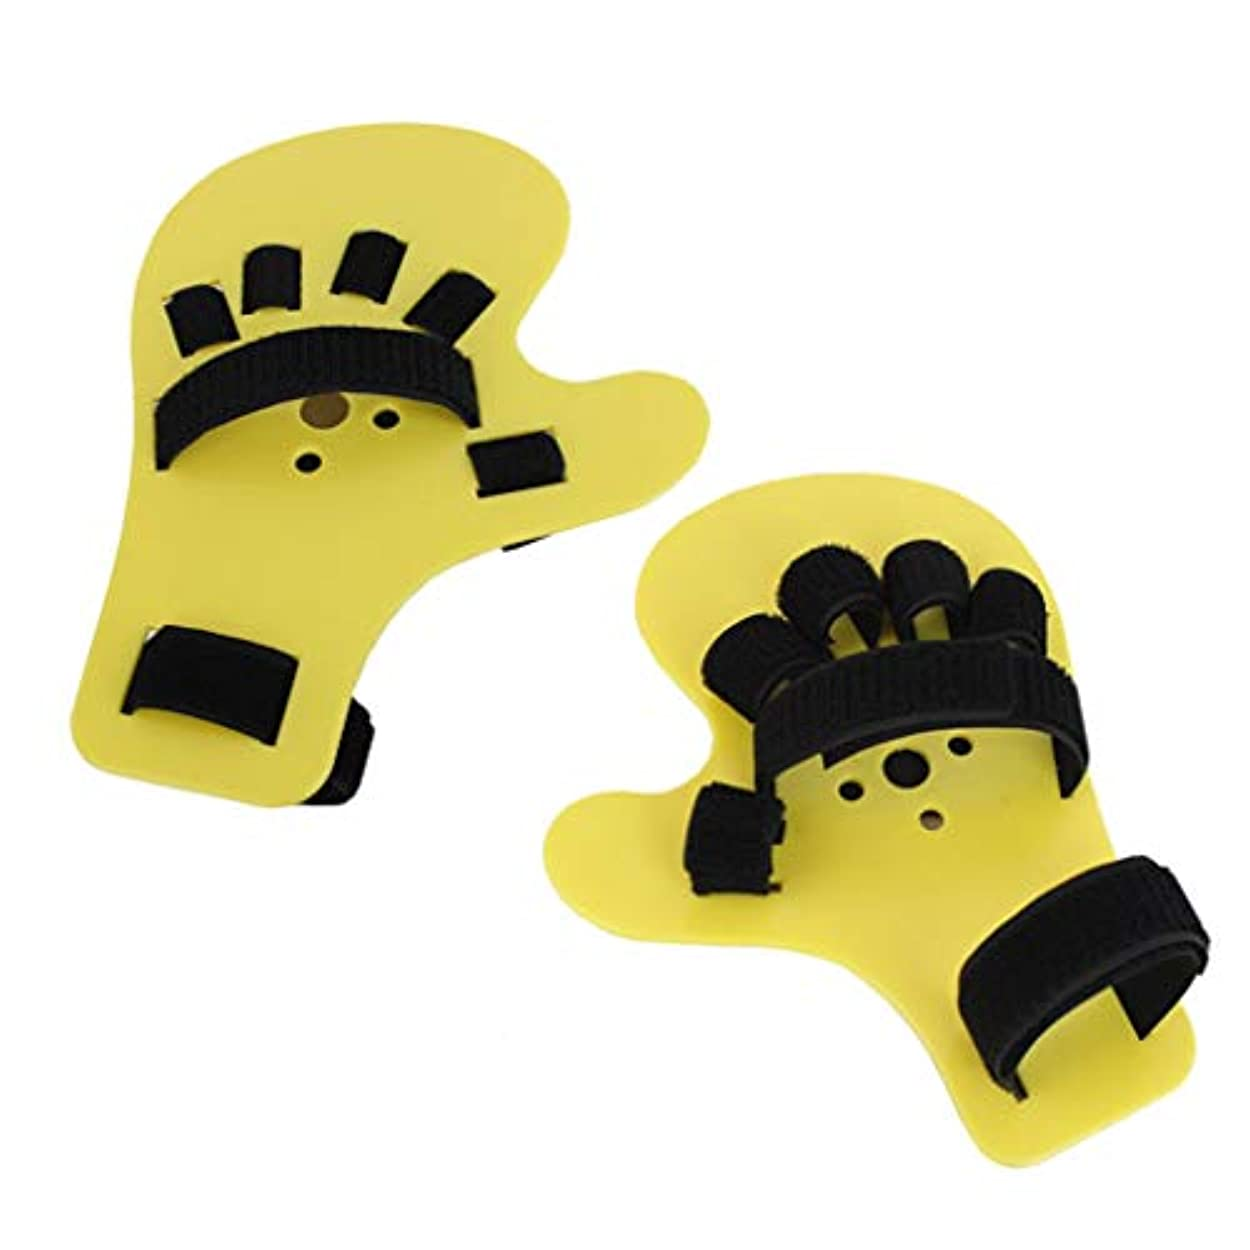 アクチュエータ再発する広い手首装具 - 指リハビリテーション訓練器具、成人の指の固定のための指矯正プレートストローク片麻痺,2pcs